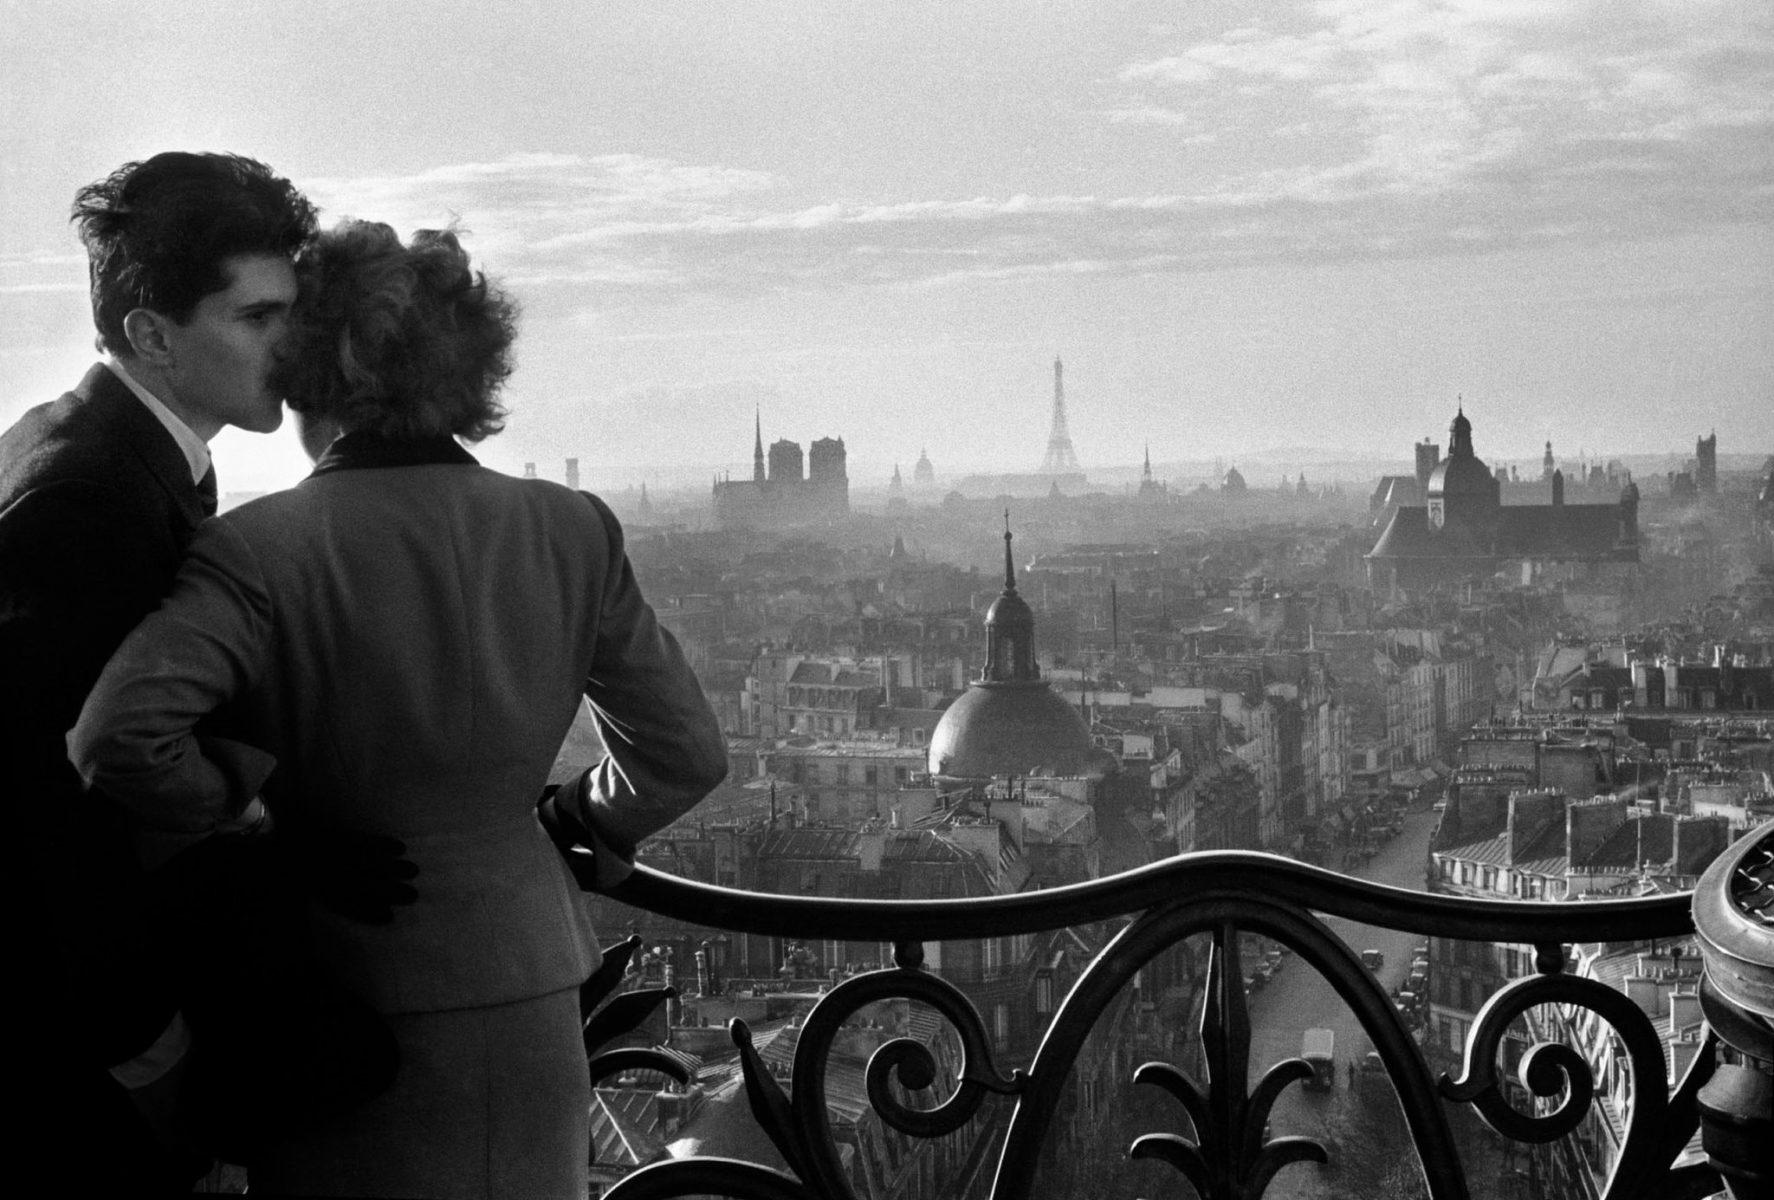 Willy Ronis, Die Liebenden der Bastille, 1957, Paris, Schwarz-Weiß-Filmfotografie